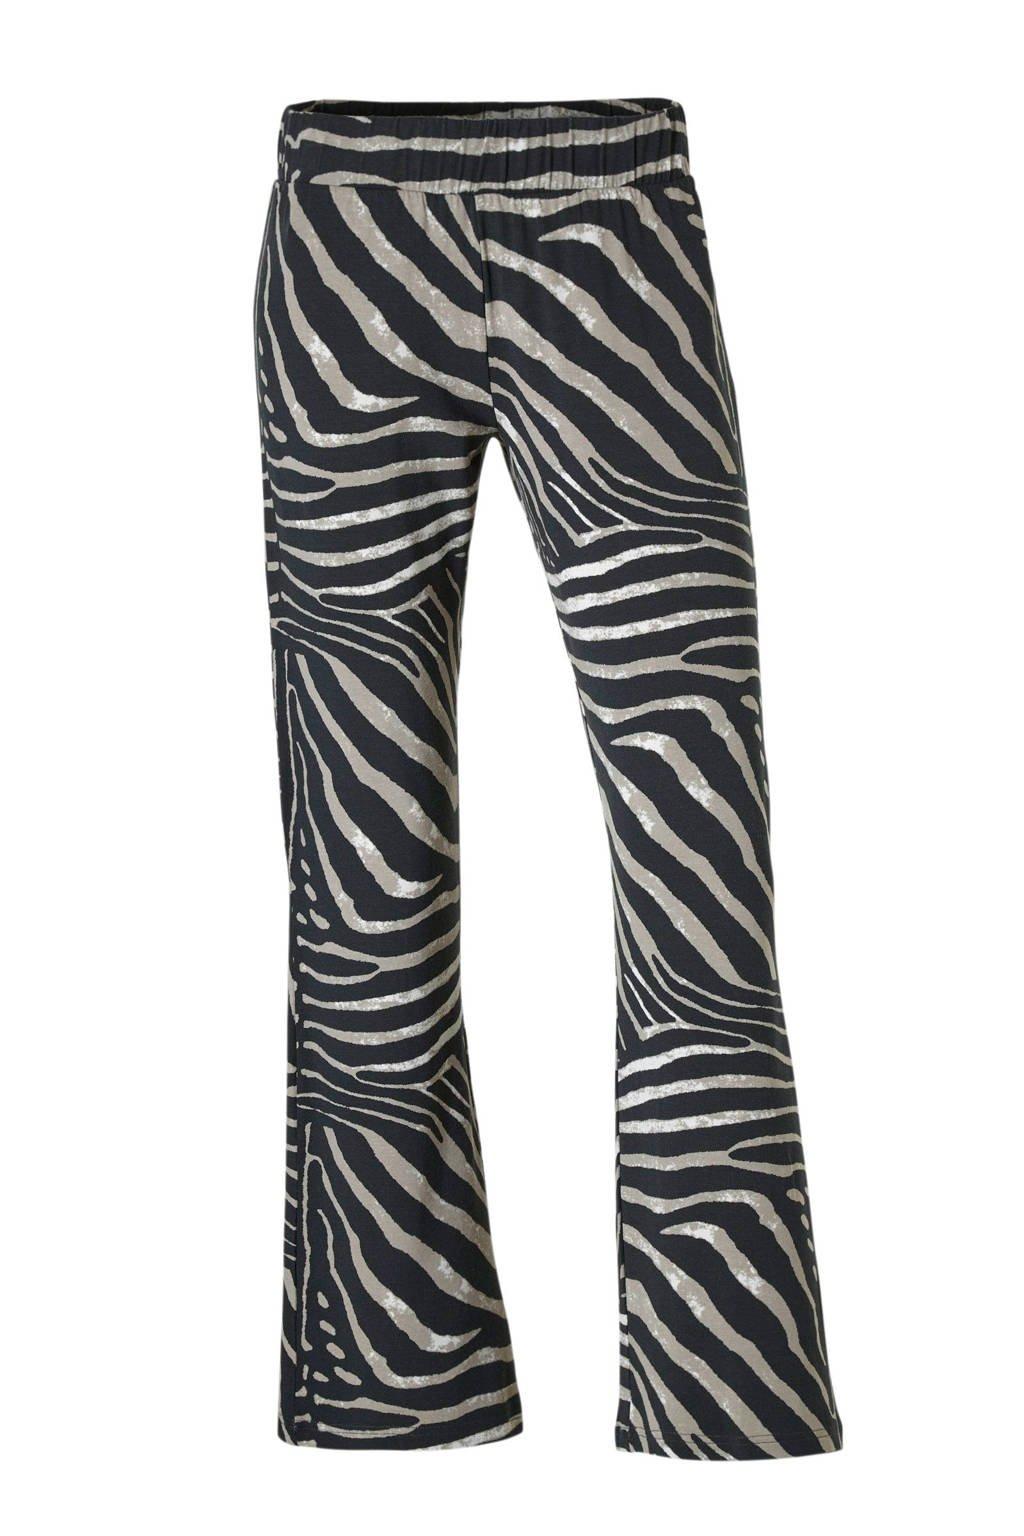 Geisha flared broek met zebraprint, Zwart/bruin